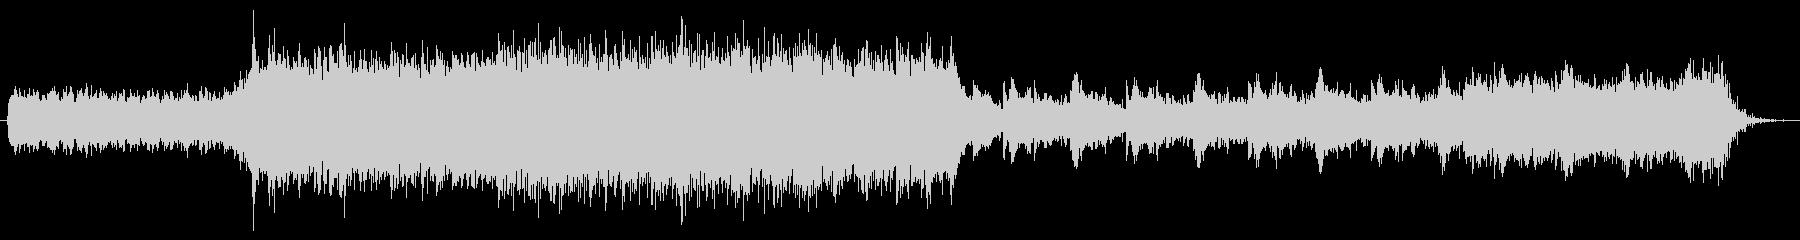 スローテンポのキラキラしたバラードの未再生の波形